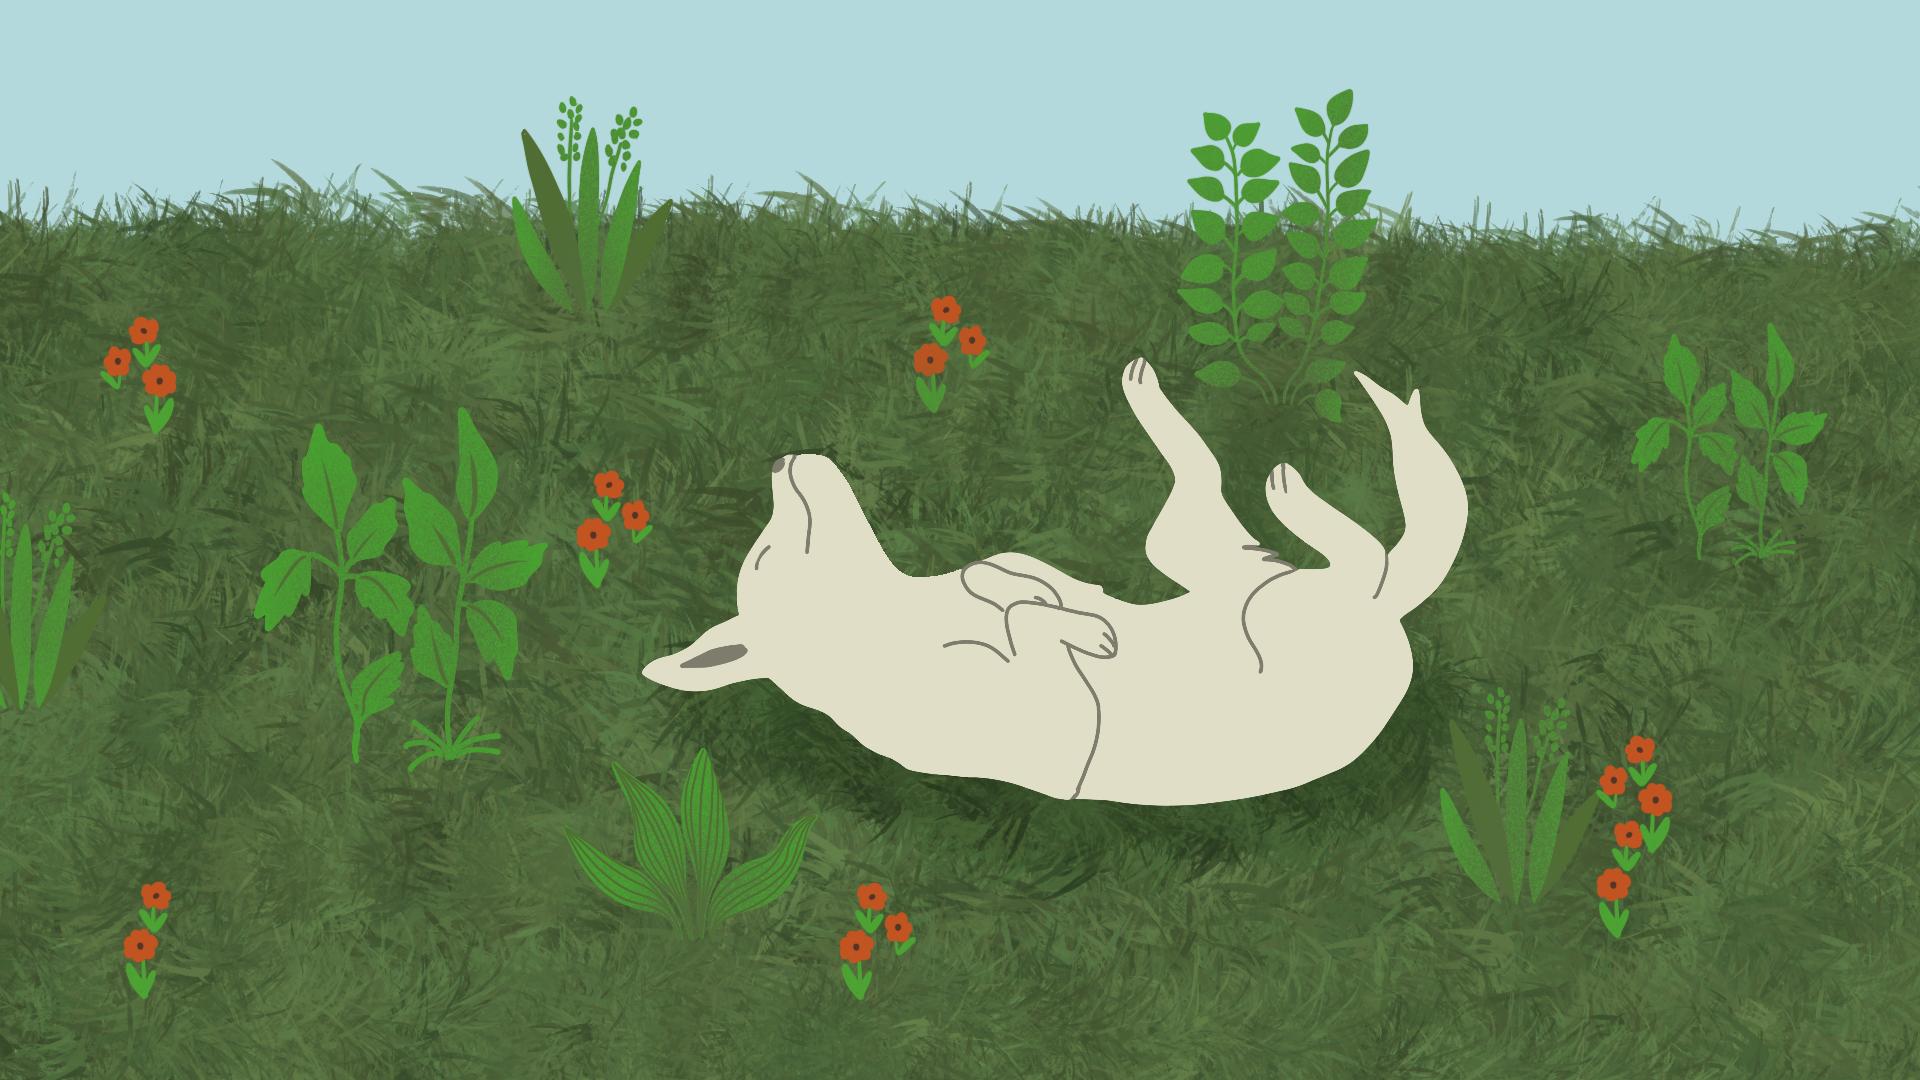 Waarom rollen honden in gras